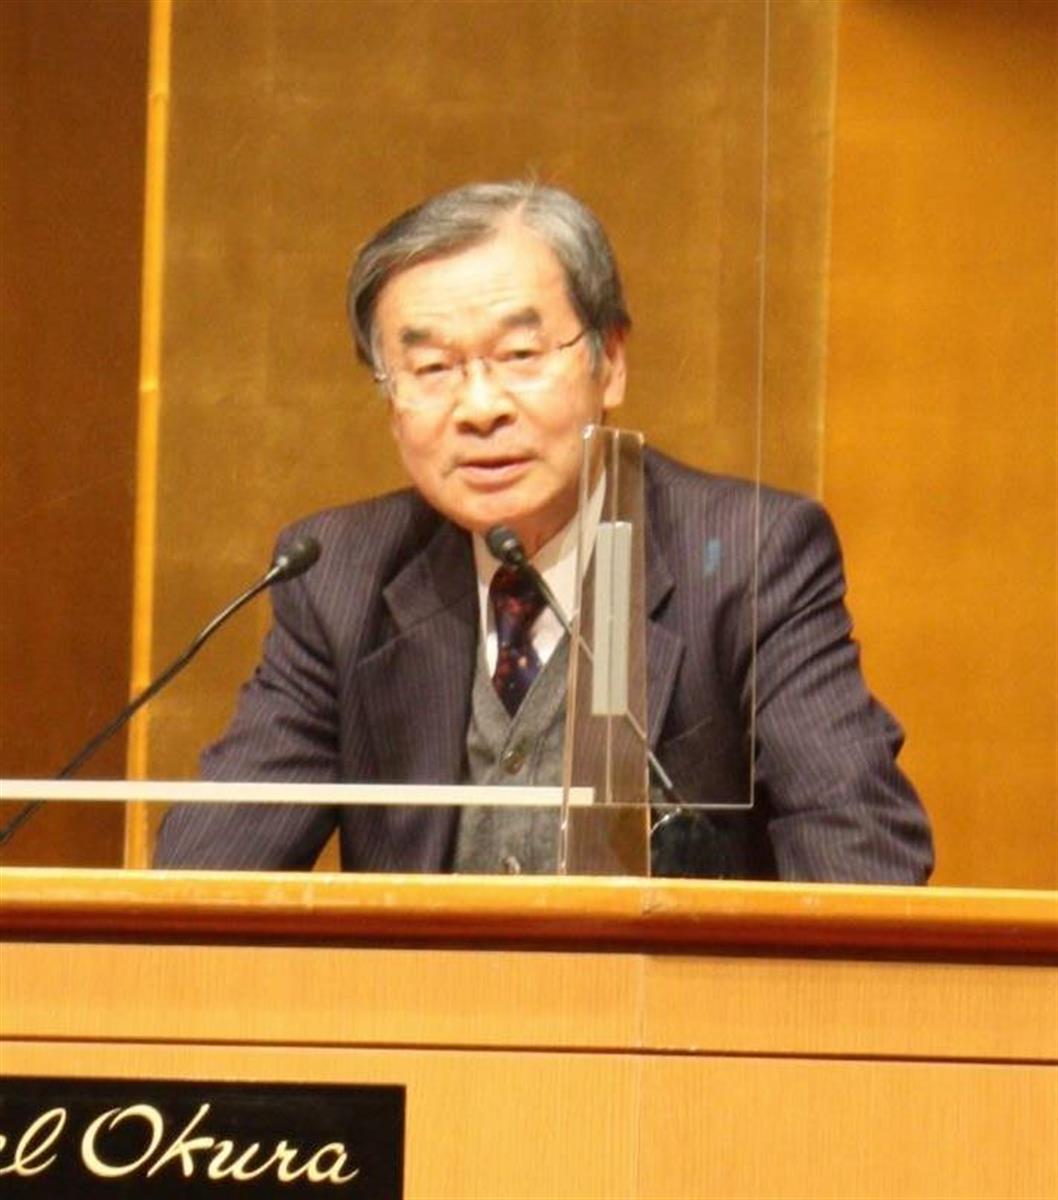 西日本シティ銀の久保田会長が講演 世界経済「急速回復も」